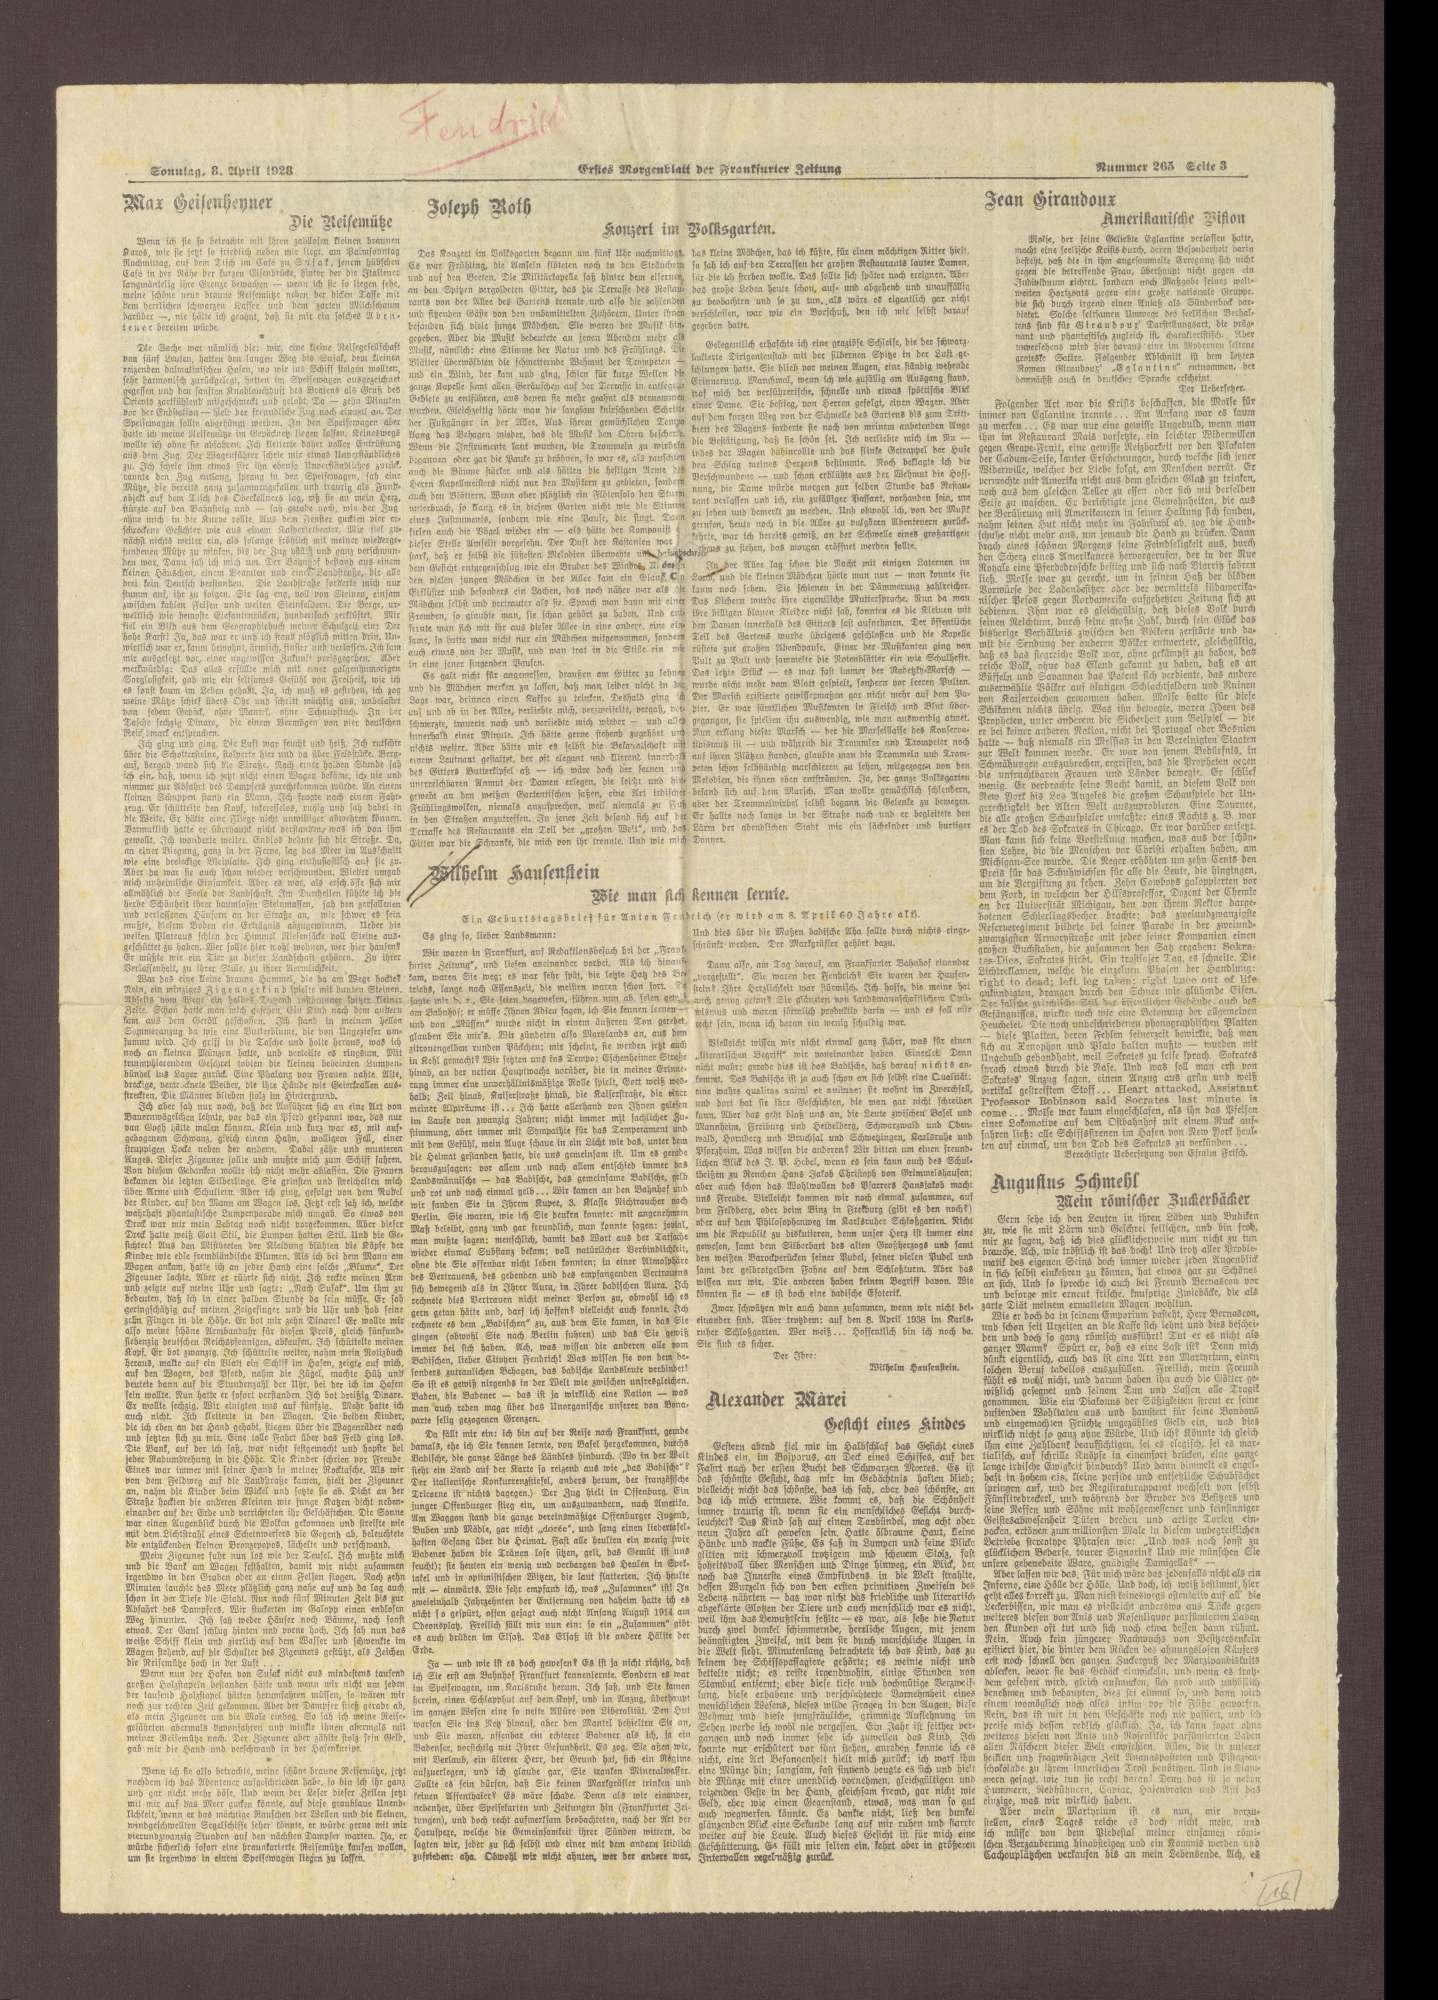 """Zeitungsausschnitt aus der """"Frankfurter Zeitung"""" mit dem Artikel: """"Wie man sich kennen lernte. Ein Geburtstagsbrief für Anton Fendrich"""" von Wilhelm Hausenstein, Bild 1"""